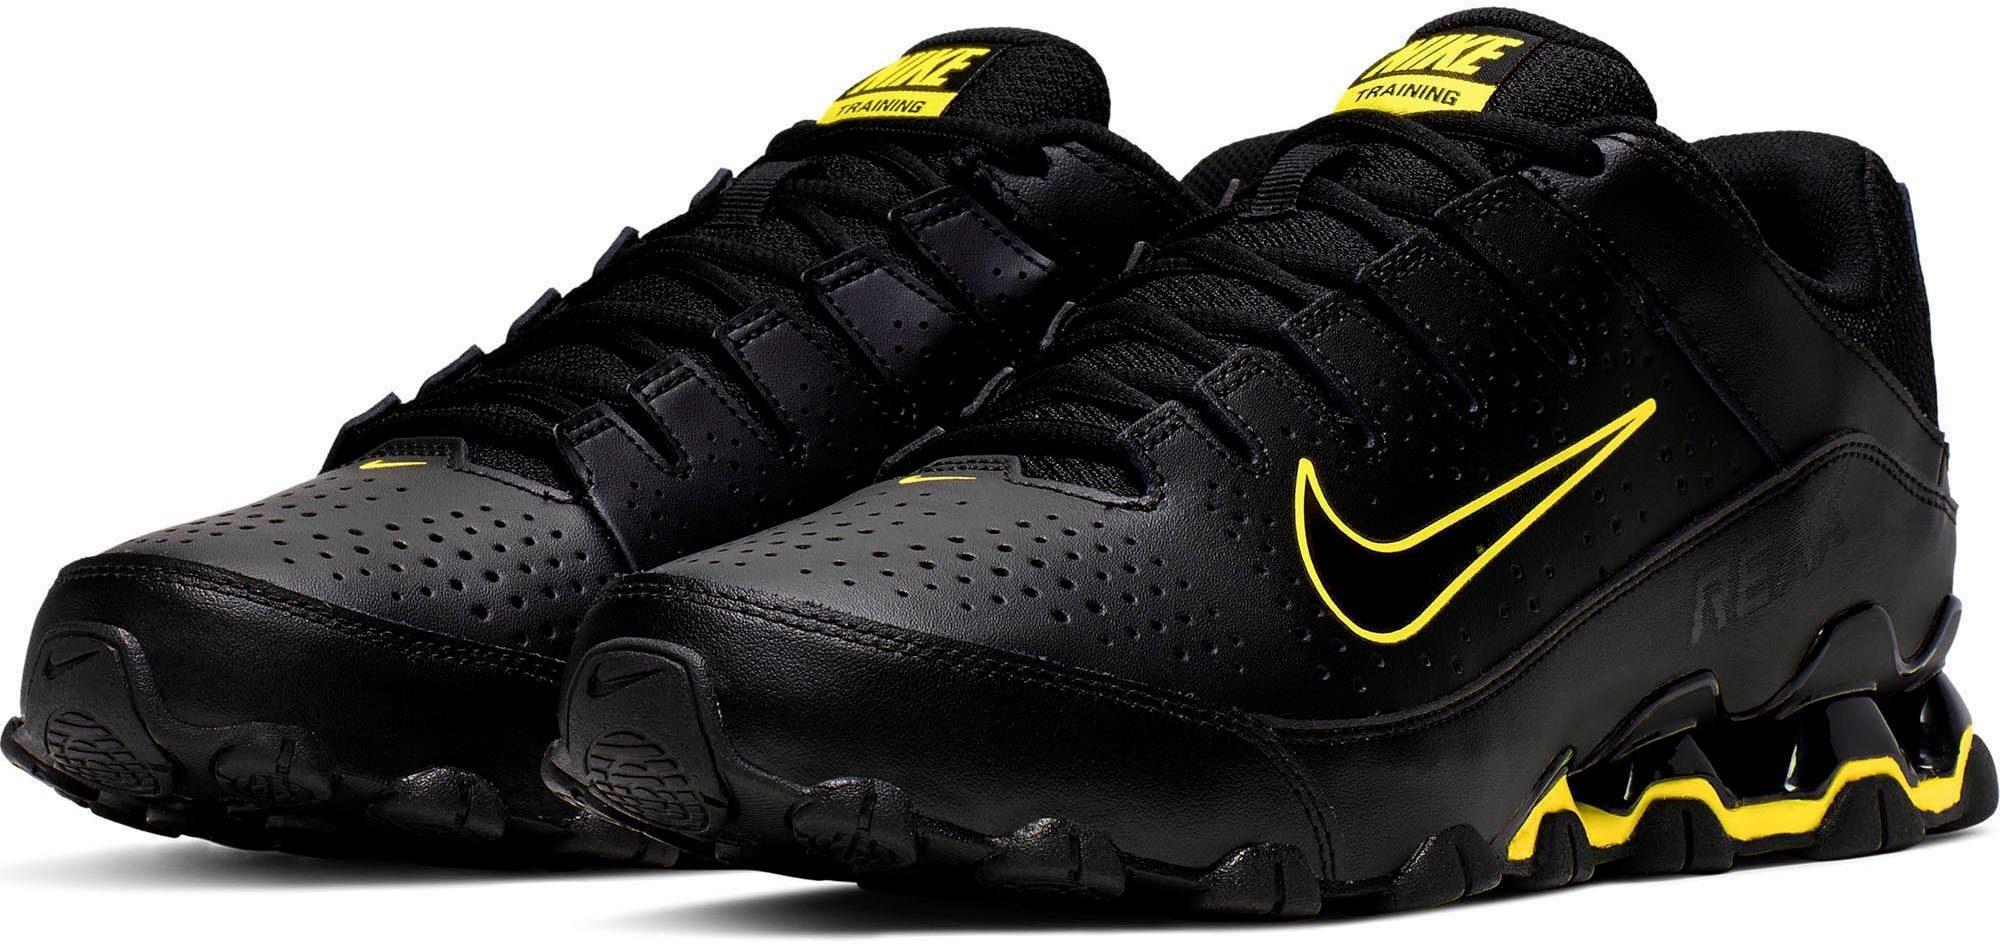 Nike »Reax 8 Tr« Trainingsschuh, Modischer Trainingssneaker von Nike online kaufen | OTTO